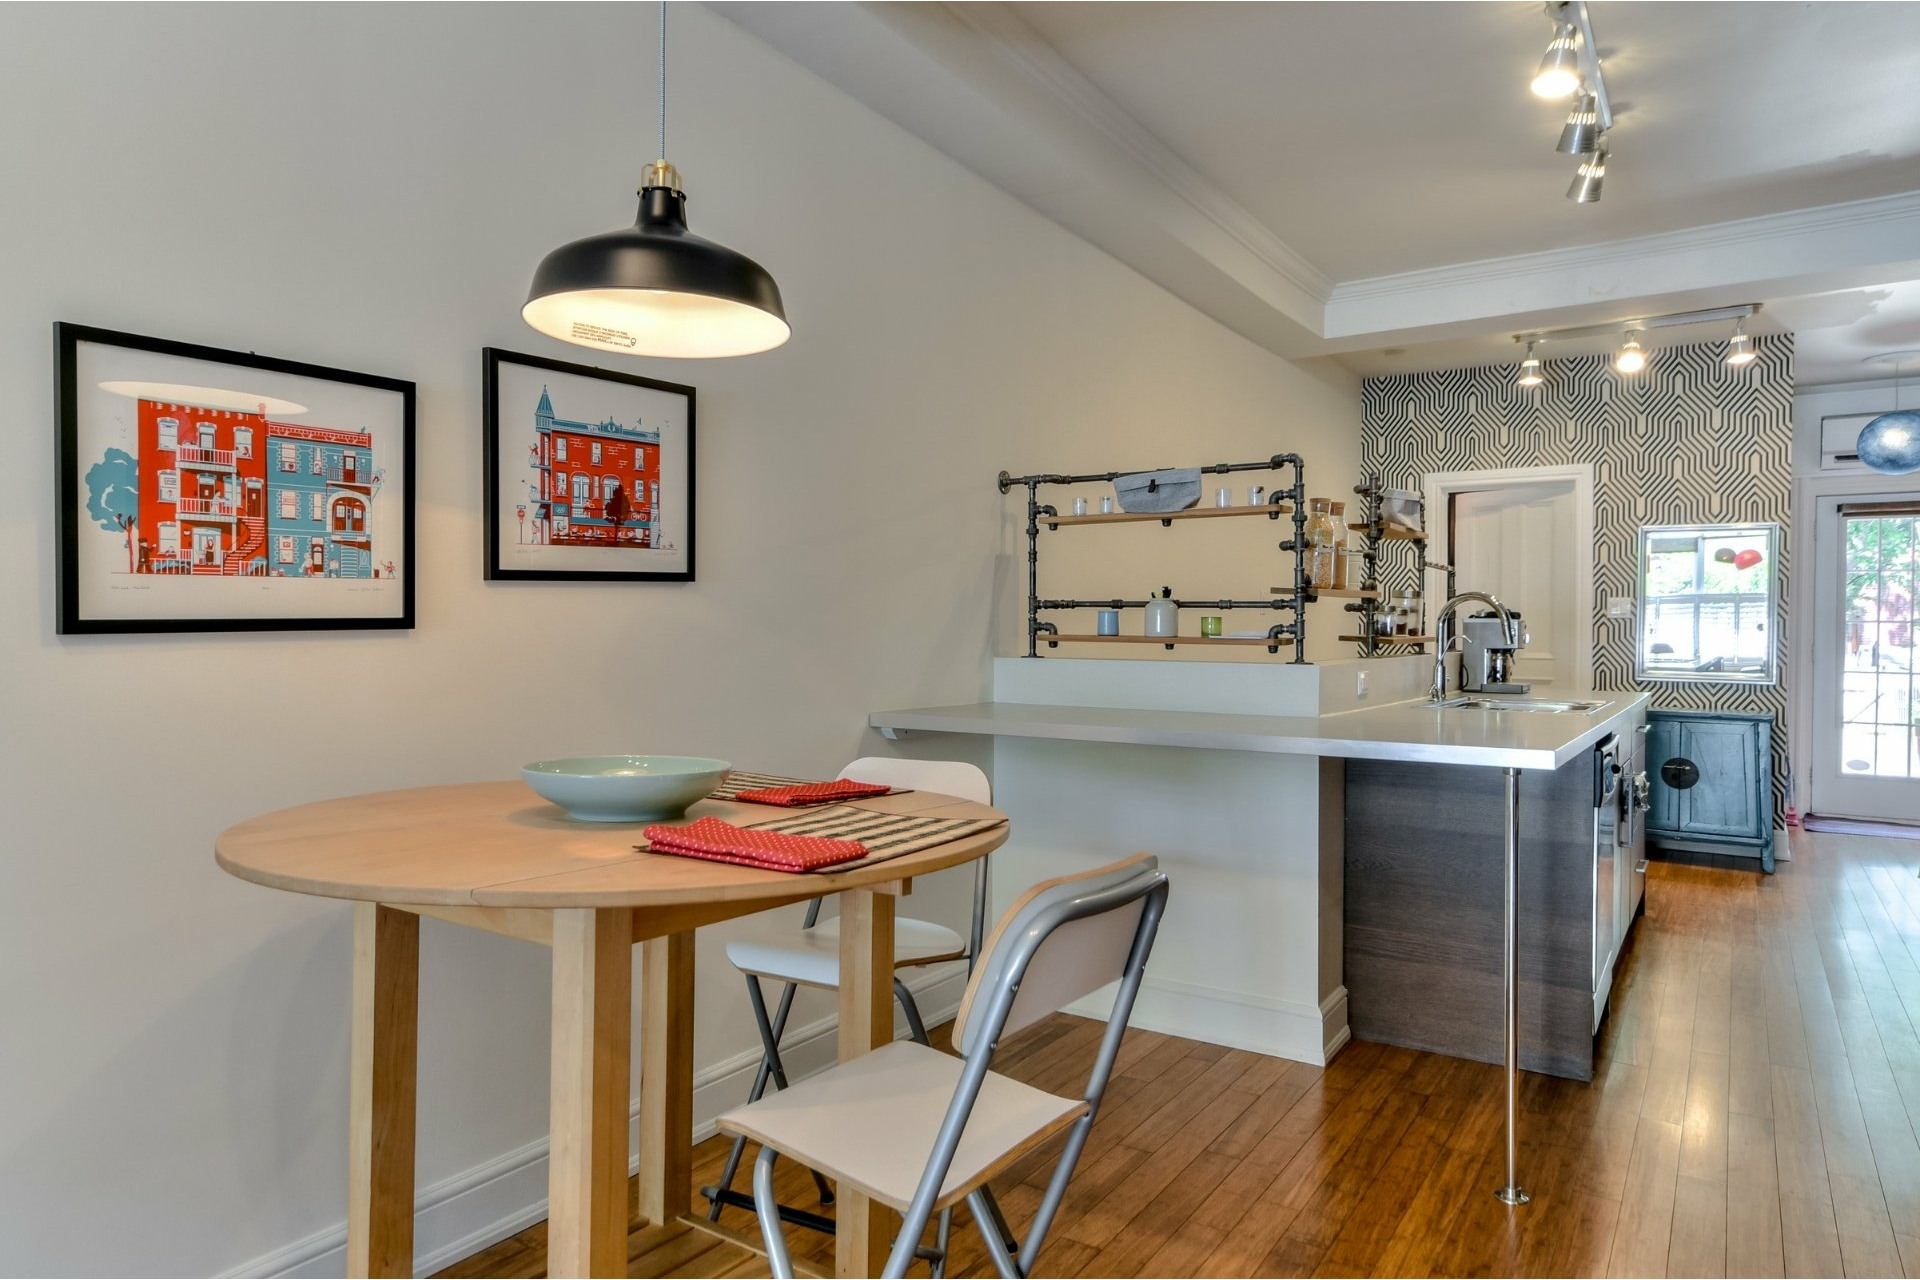 image 10 - Apartment For sale Le Plateau-Mont-Royal Montréal  - 5 rooms